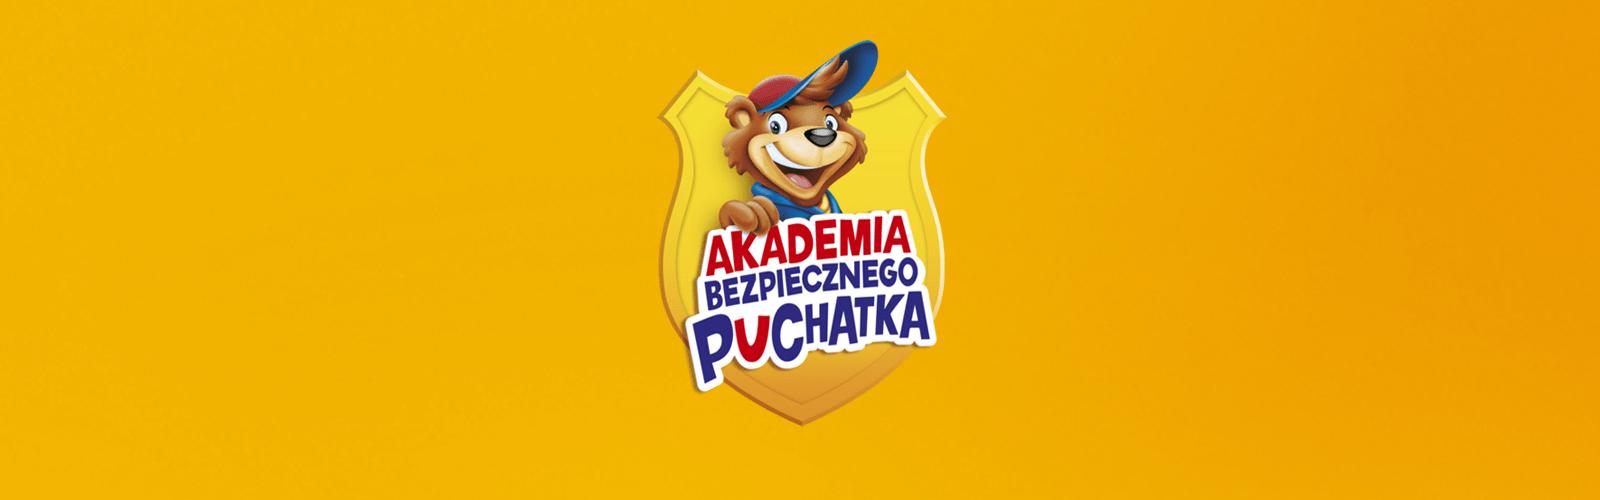 Logo Akademia Bezpiecznego Puchatka